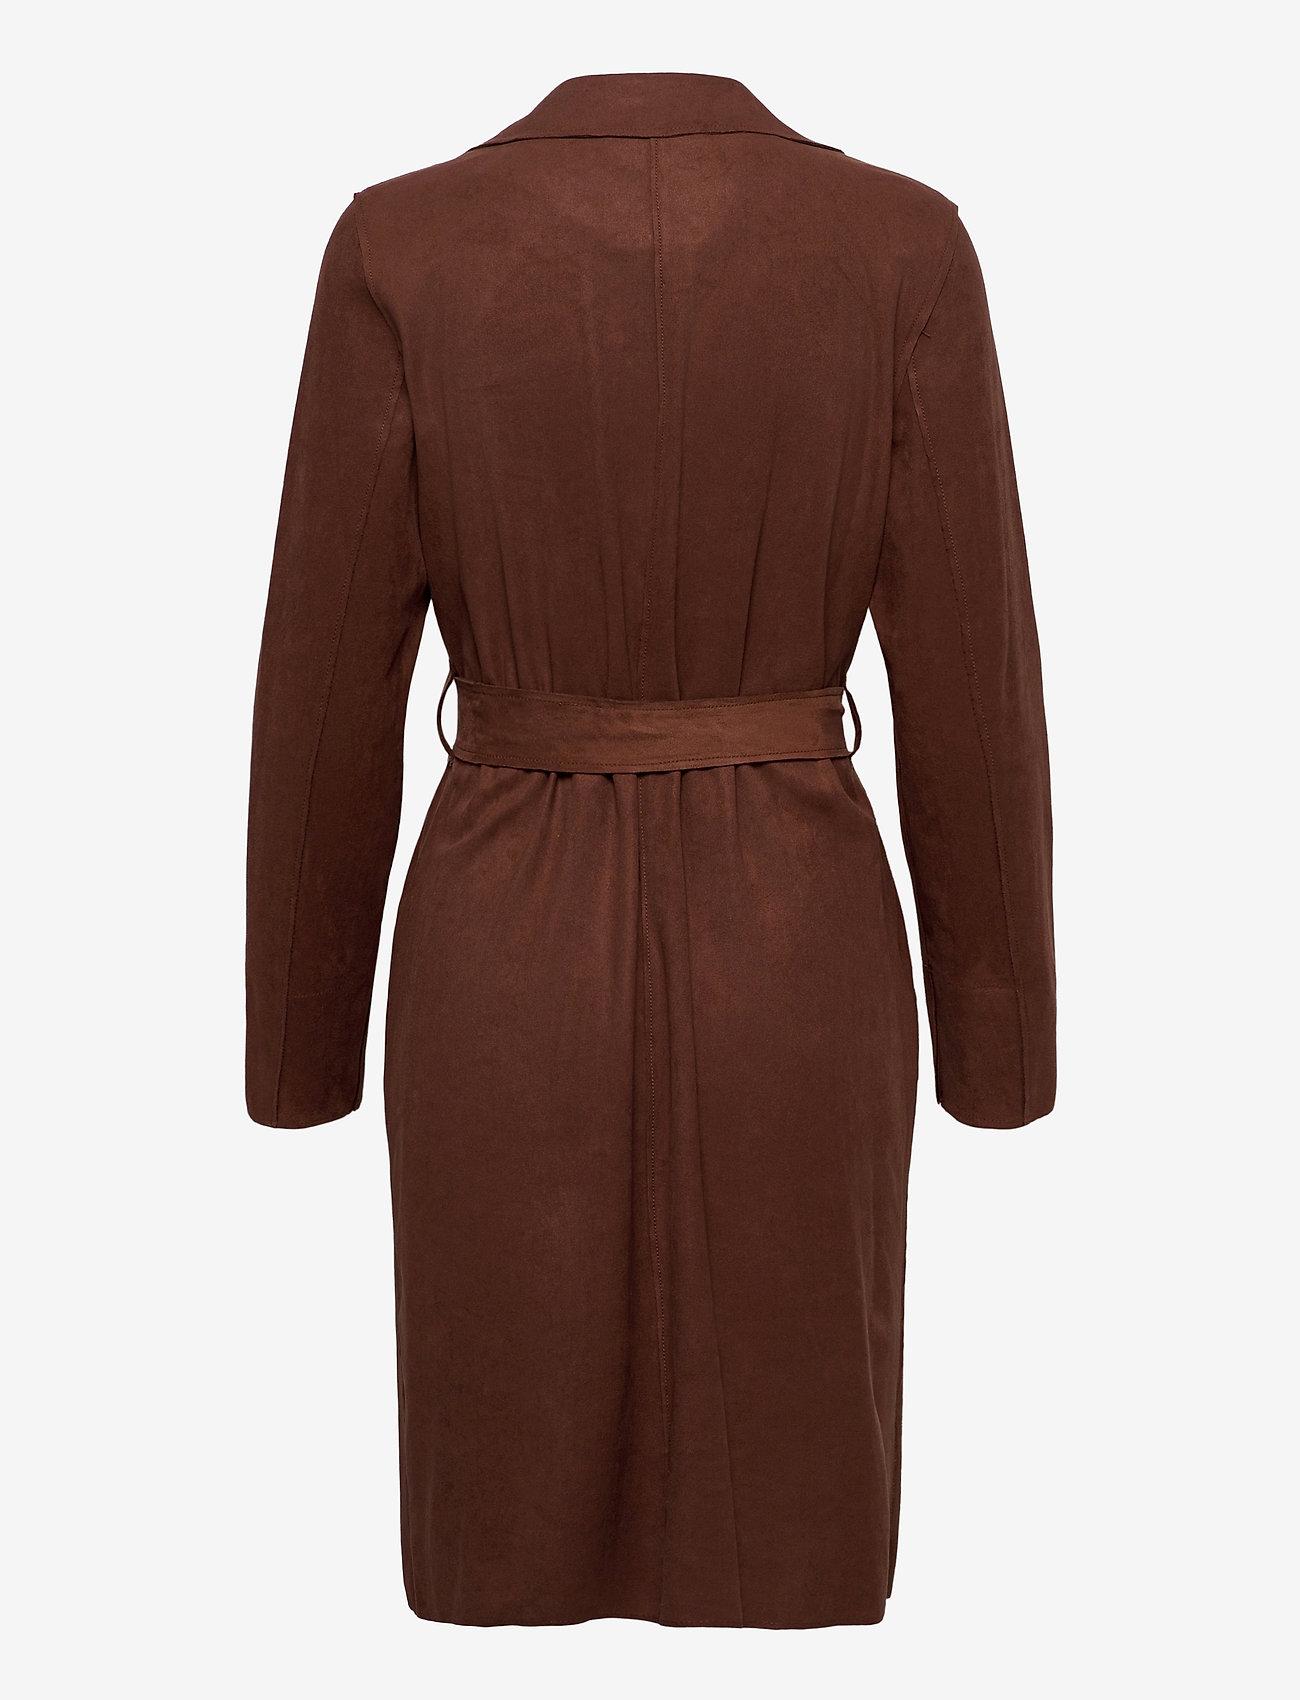 Esprit Casual - Coats woven - manteaux en laine - brown - 1